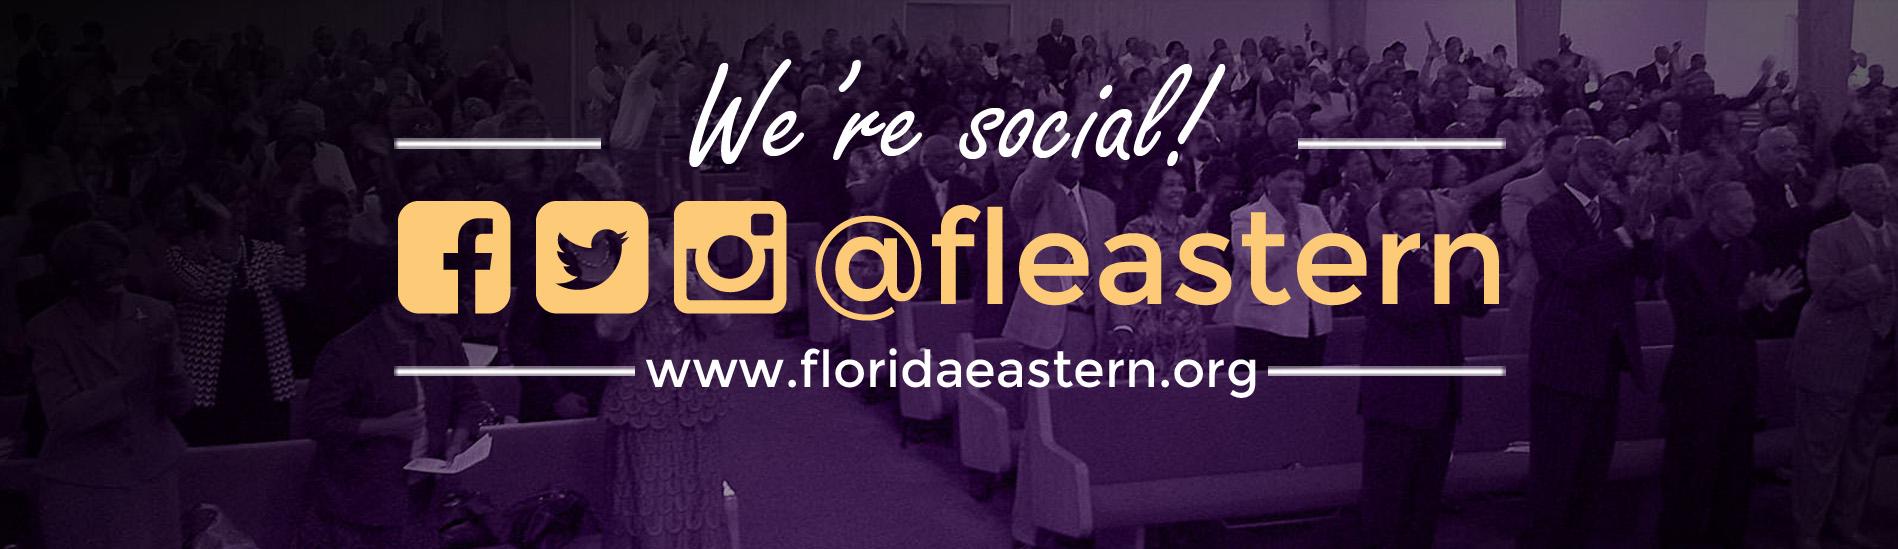 fleastern-webslider2-socialmedia-new